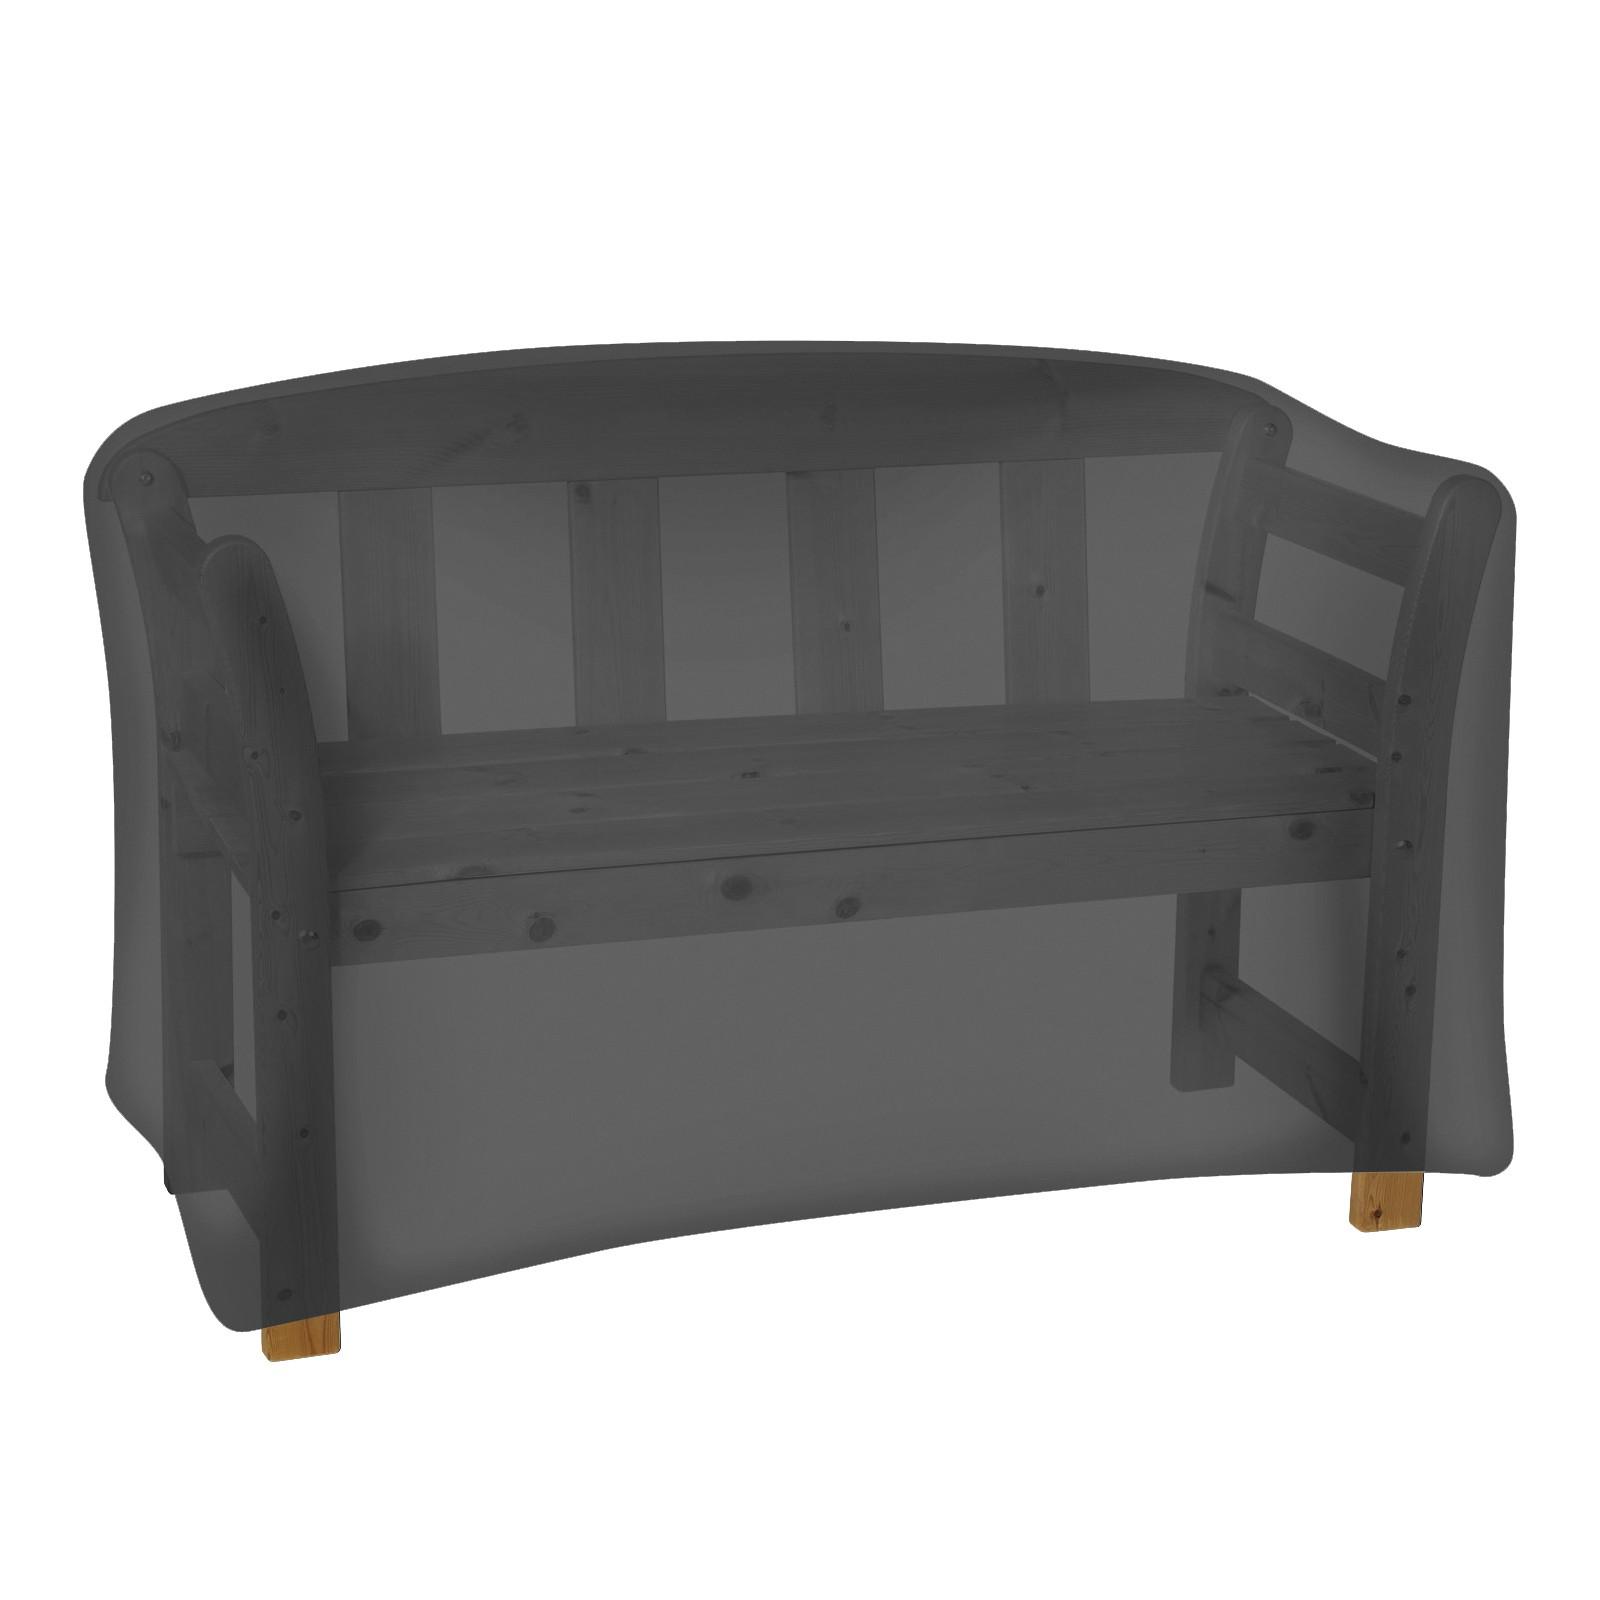 tepro abdeckhaube gartenbank 3 sitzer schwarz. Black Bedroom Furniture Sets. Home Design Ideas